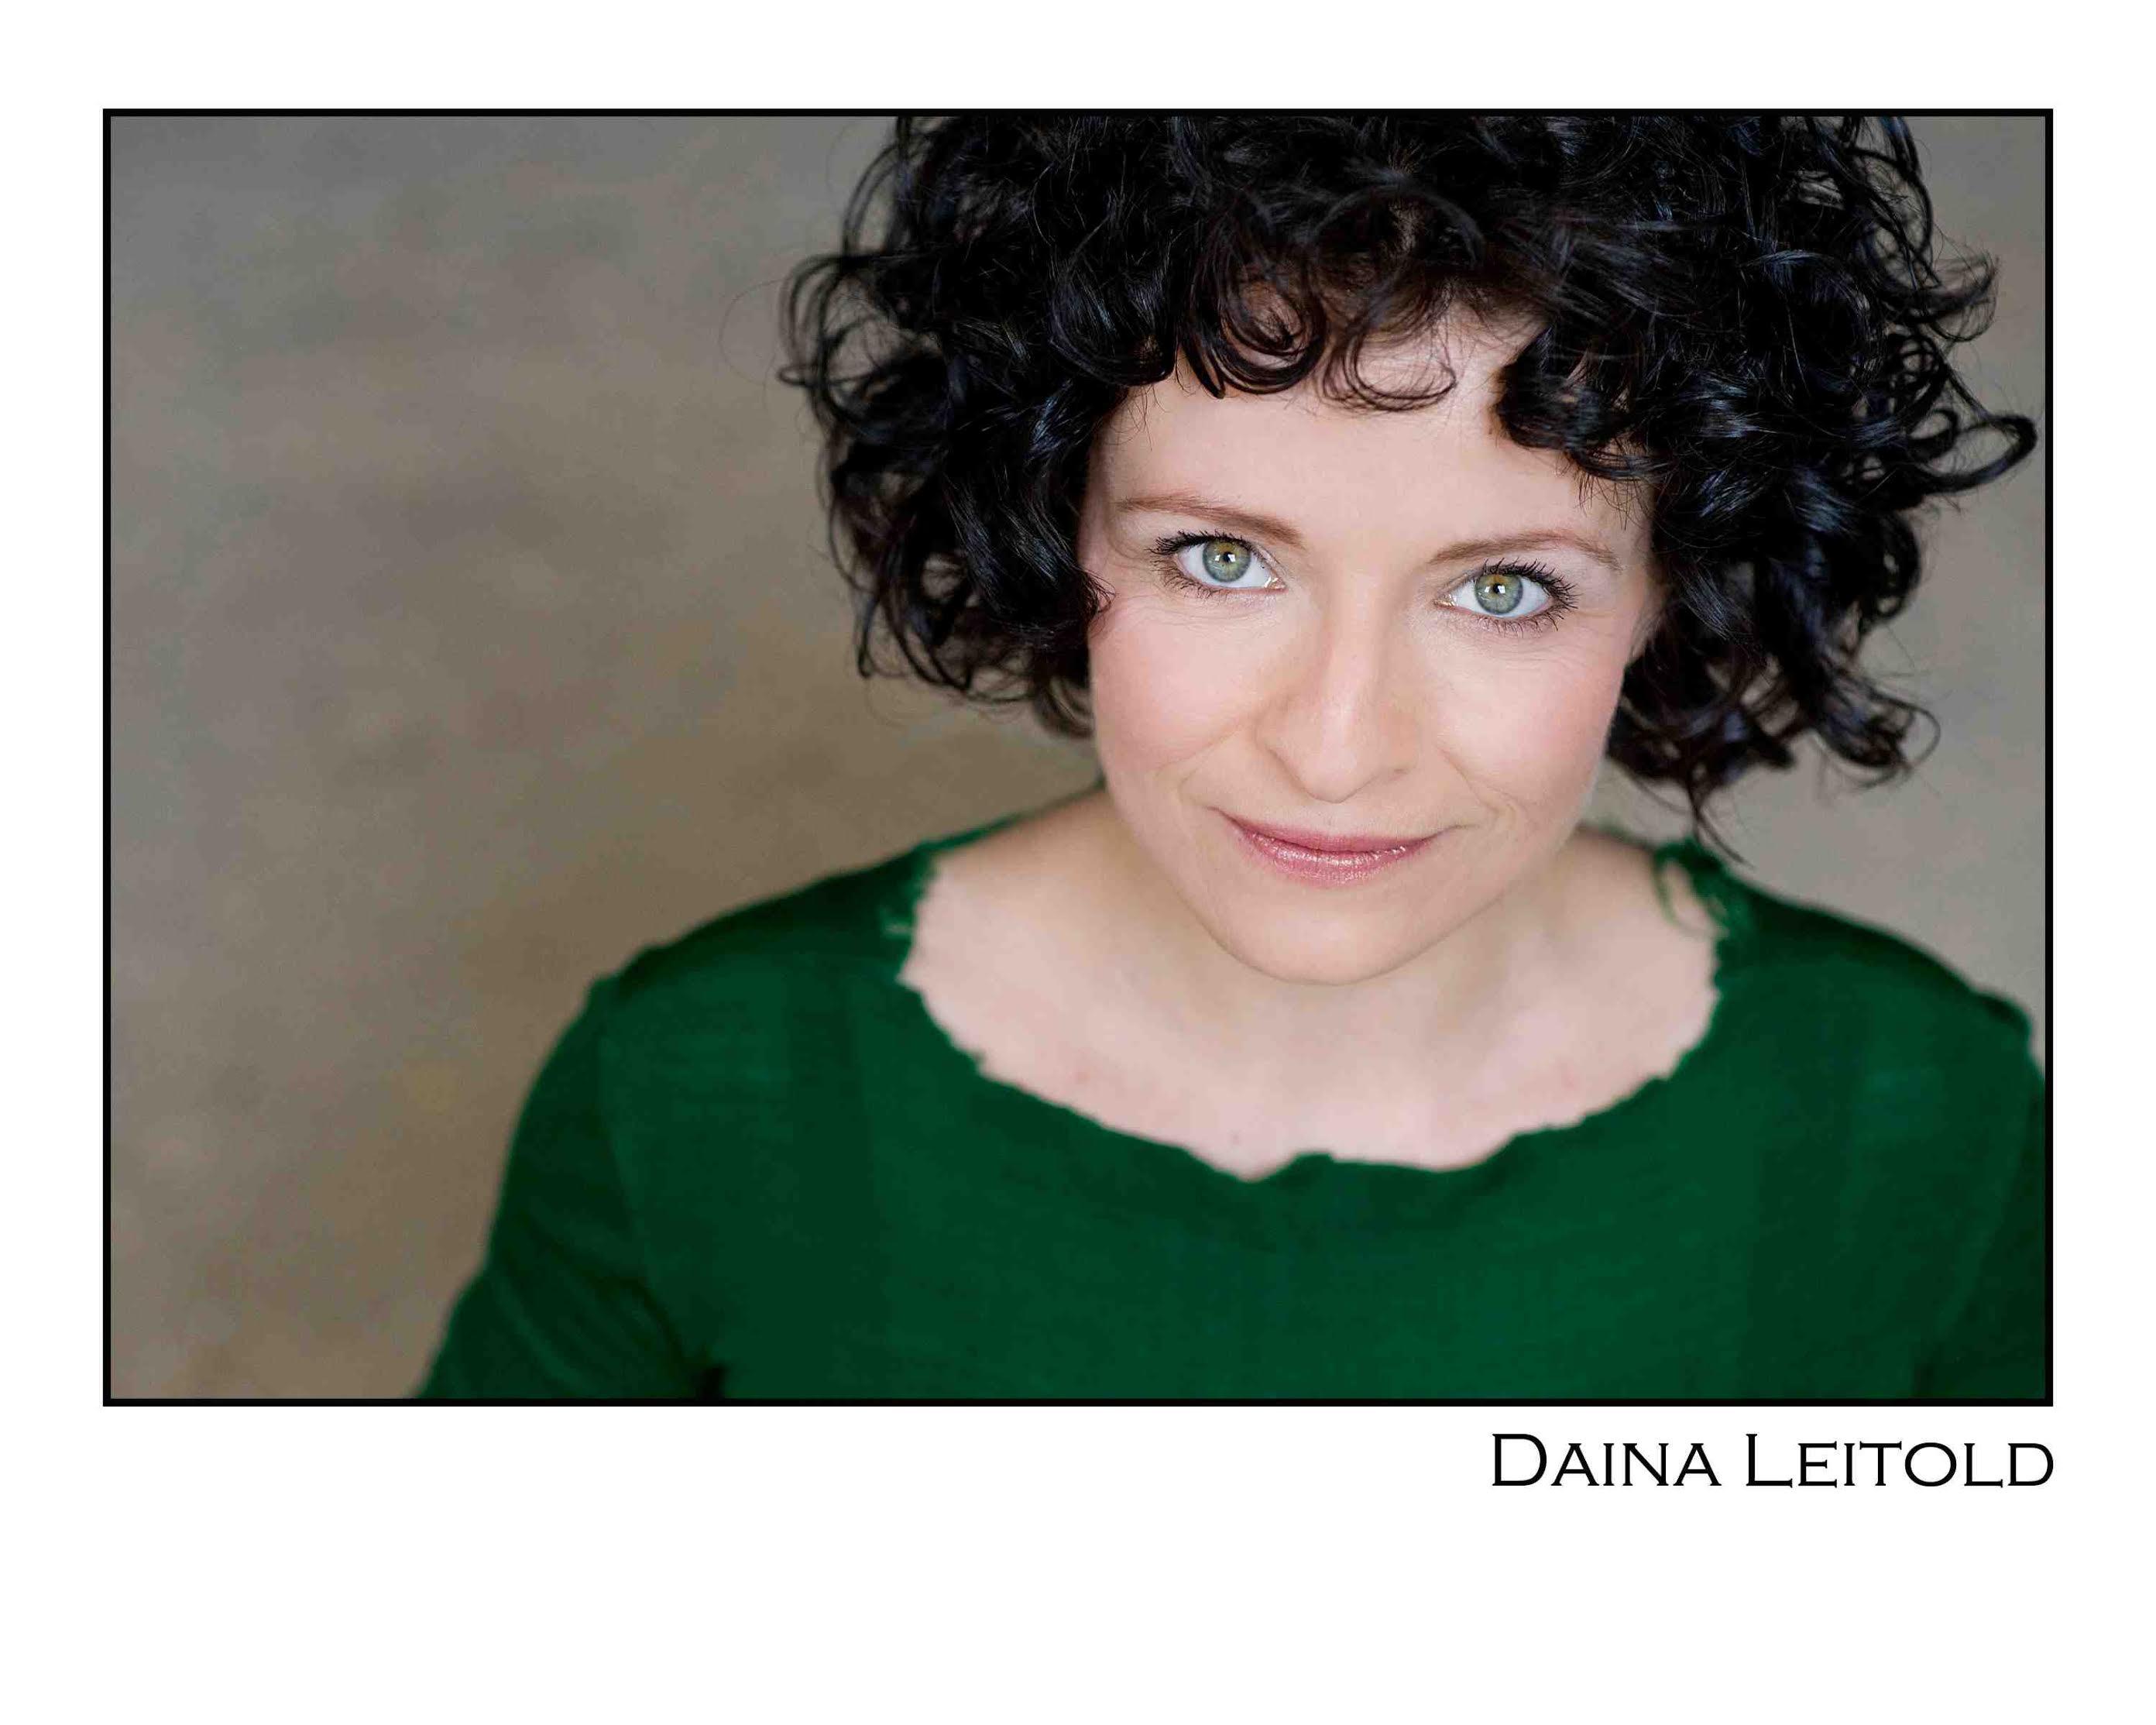 Daina Leitold